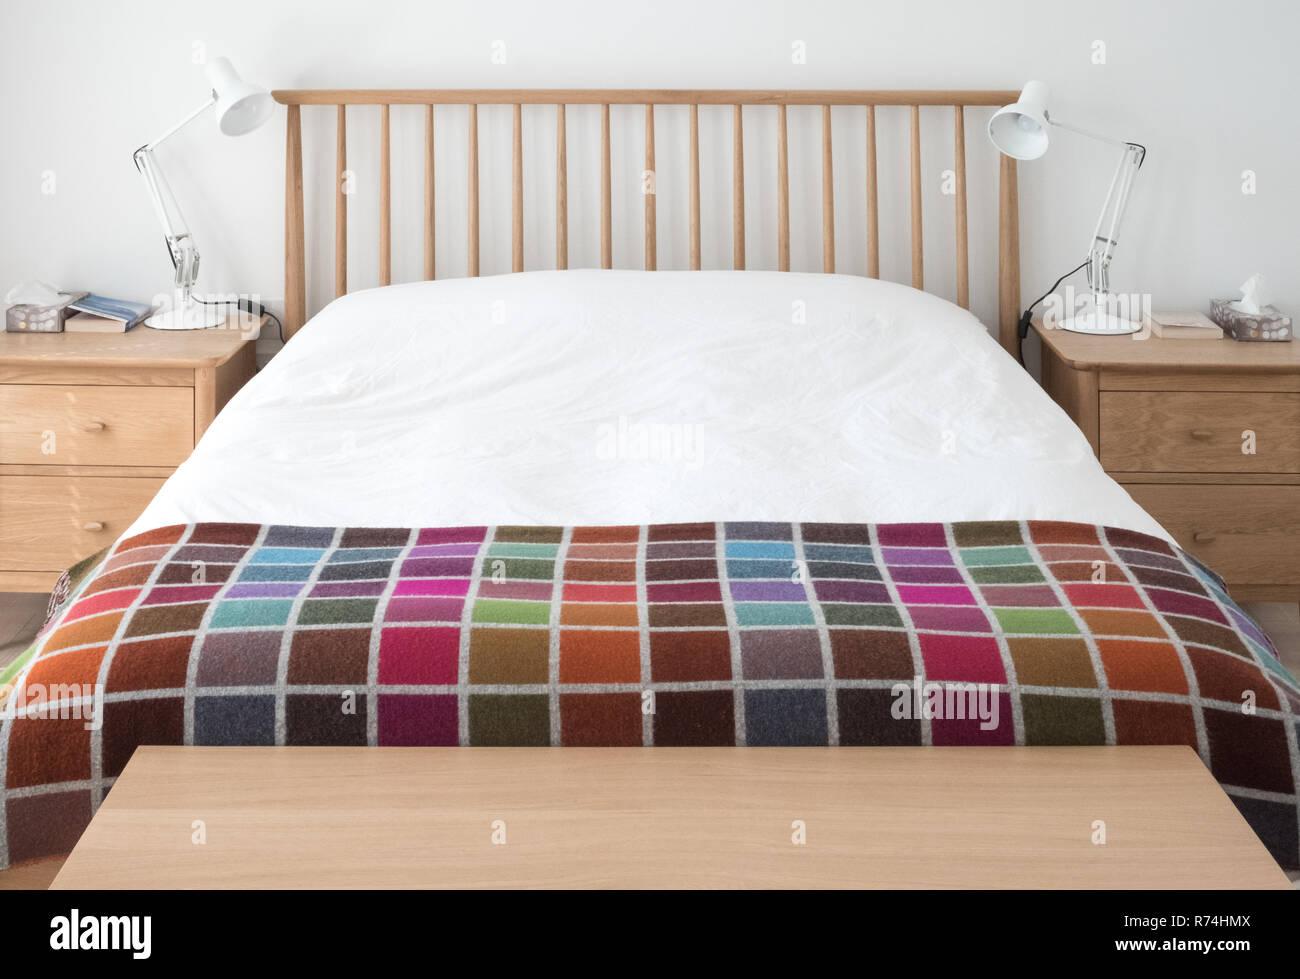 Skandinavisch Inspiriert Minimalistischen Schlafzimmer Innenraum Mit Holz Schlafzimmer Mobel Weissen Wanden Weisser Bettwasche Und Bunten Decke Stockfotografie Alamy